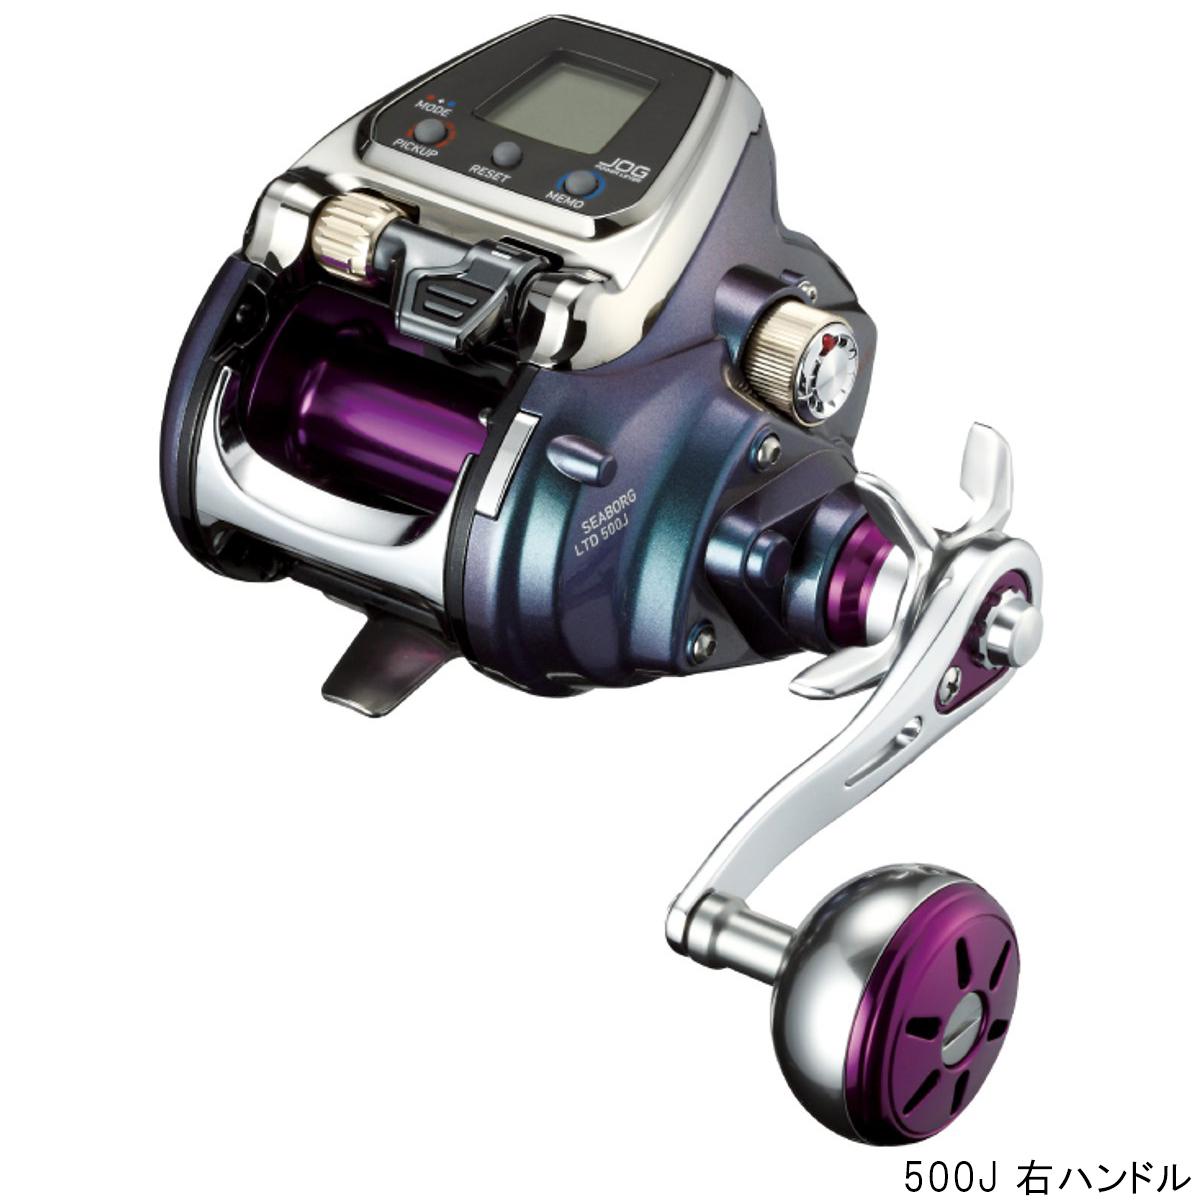 ダイワ シーボーグ LTD 500J 右ハンドル(東日本店)